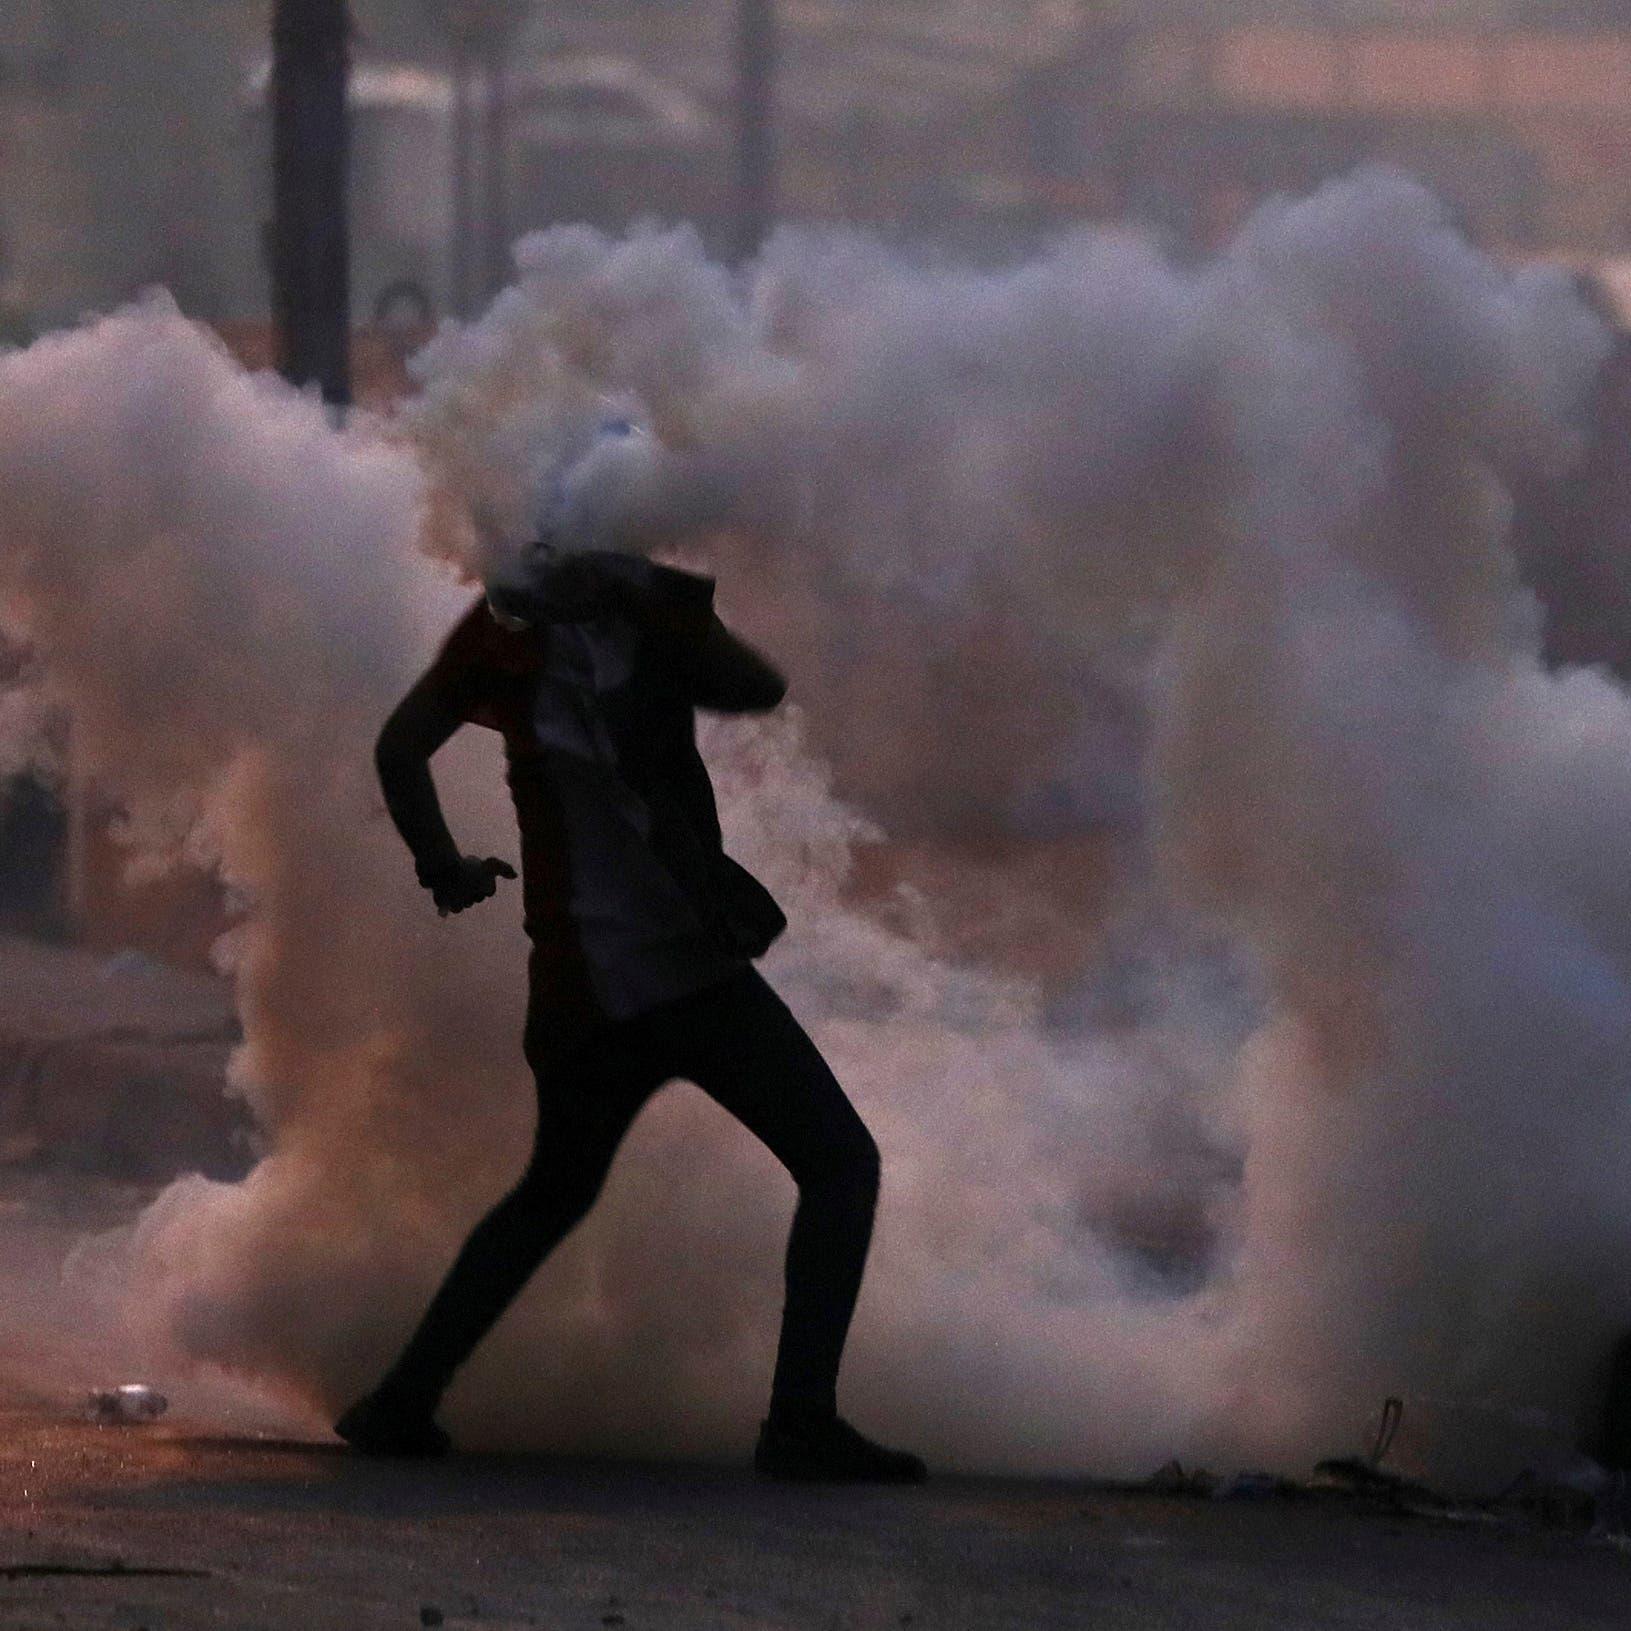 العراق.. 3 قتلى بالناصرية ومئات المصابين